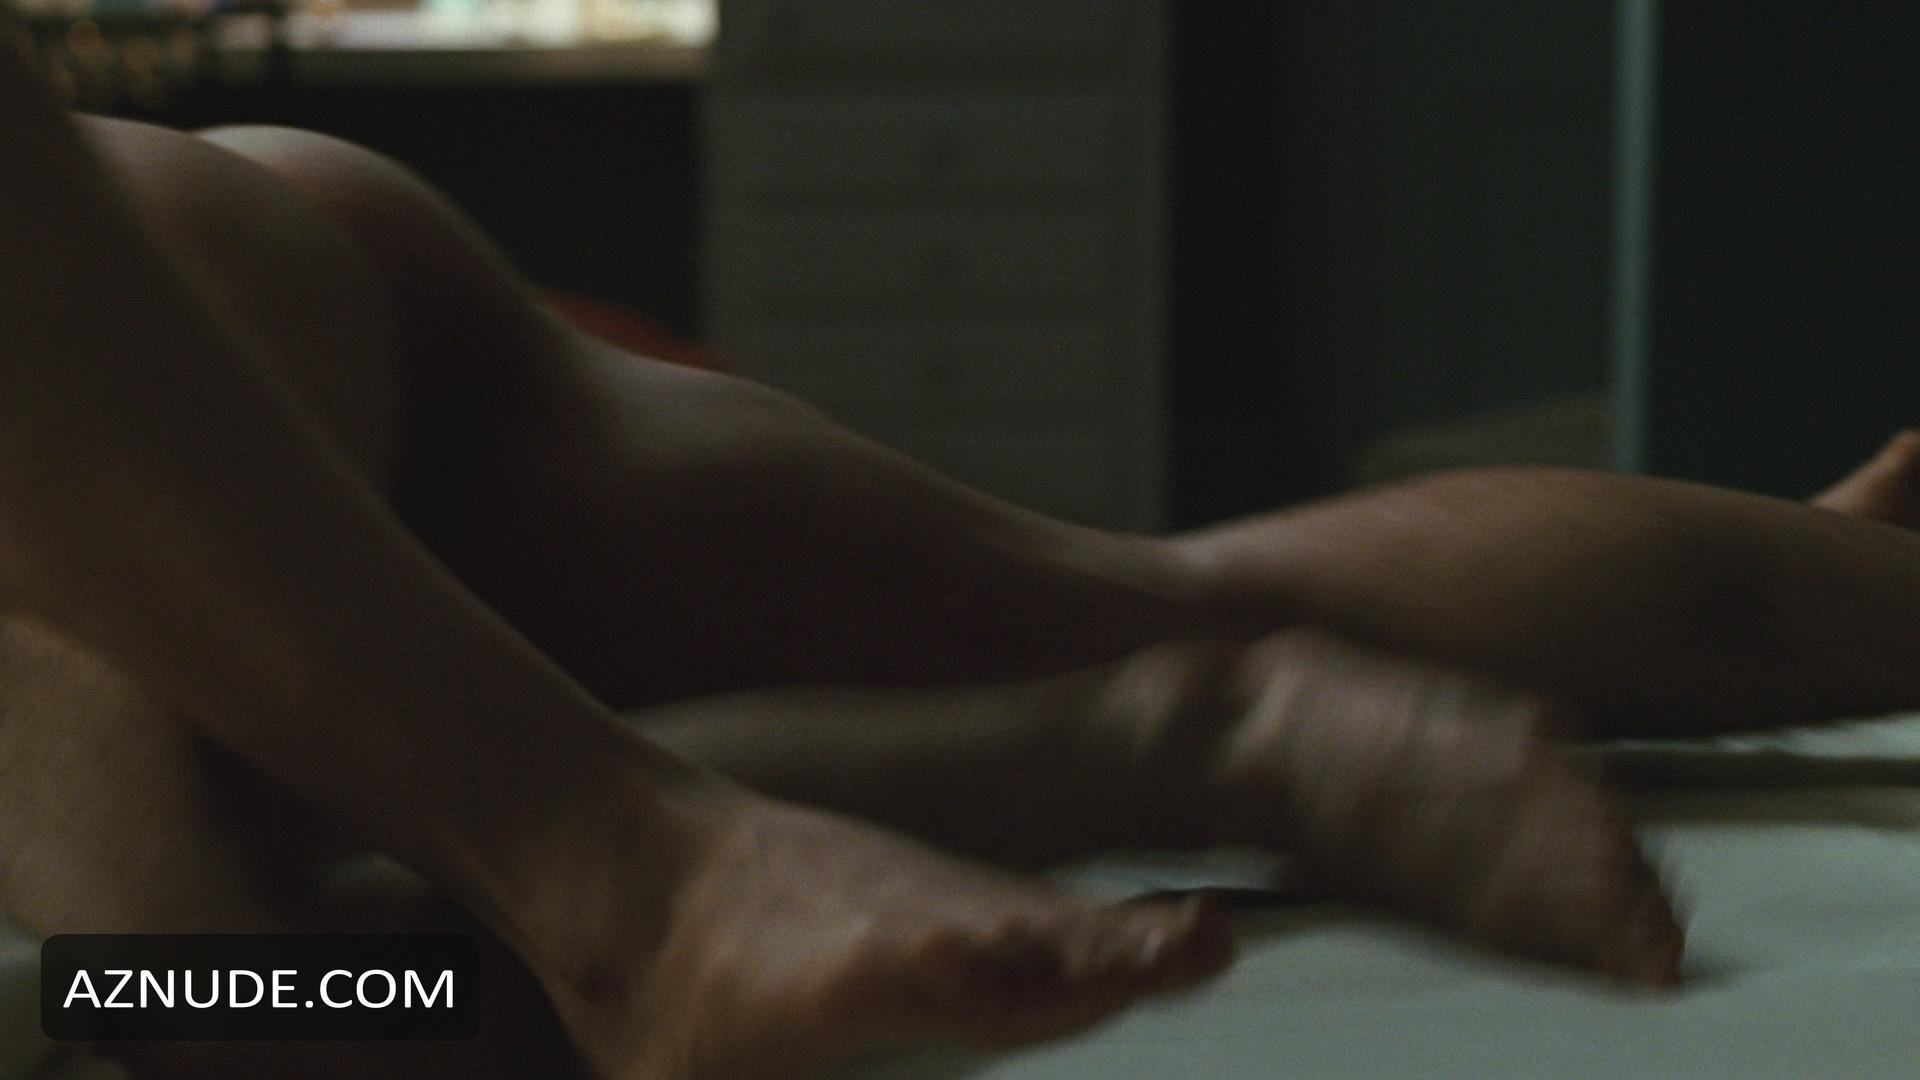 Sex And The City Nude Scenes - Aznude Men-6101